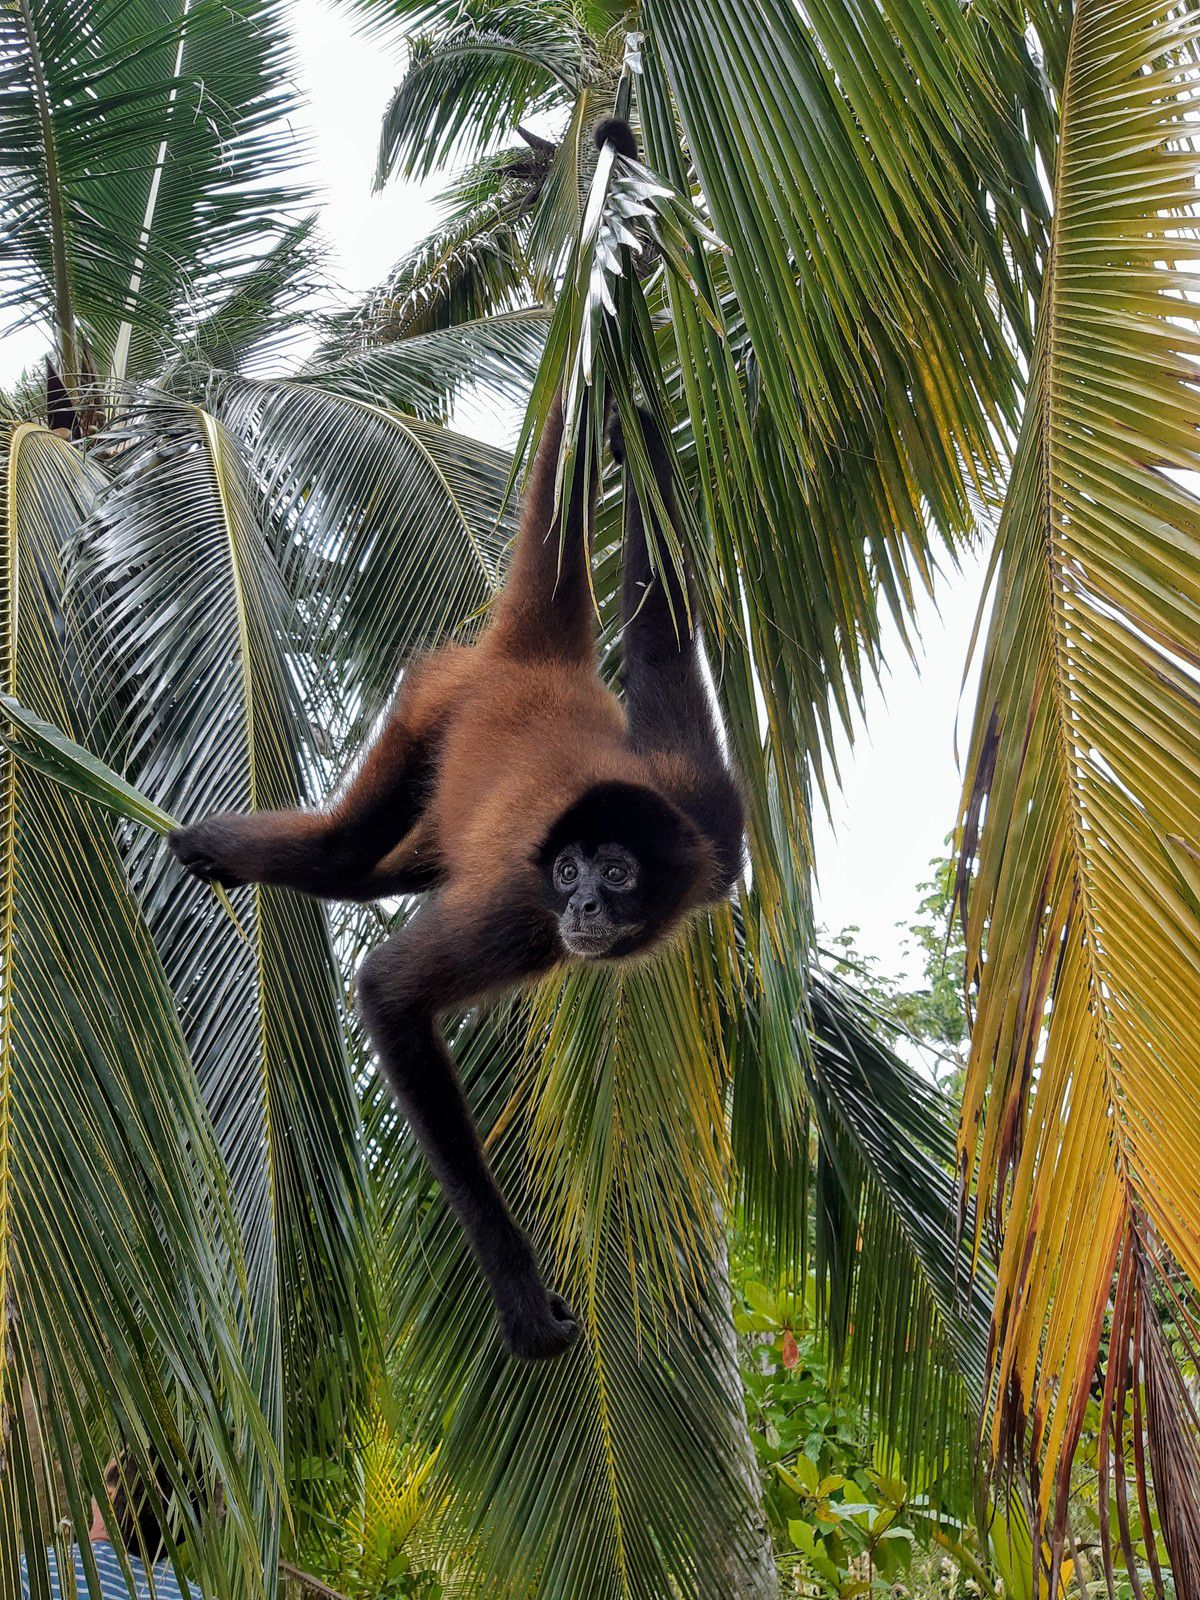 Les singes araignées, acrobates des forêts par Elisa de Kissanga